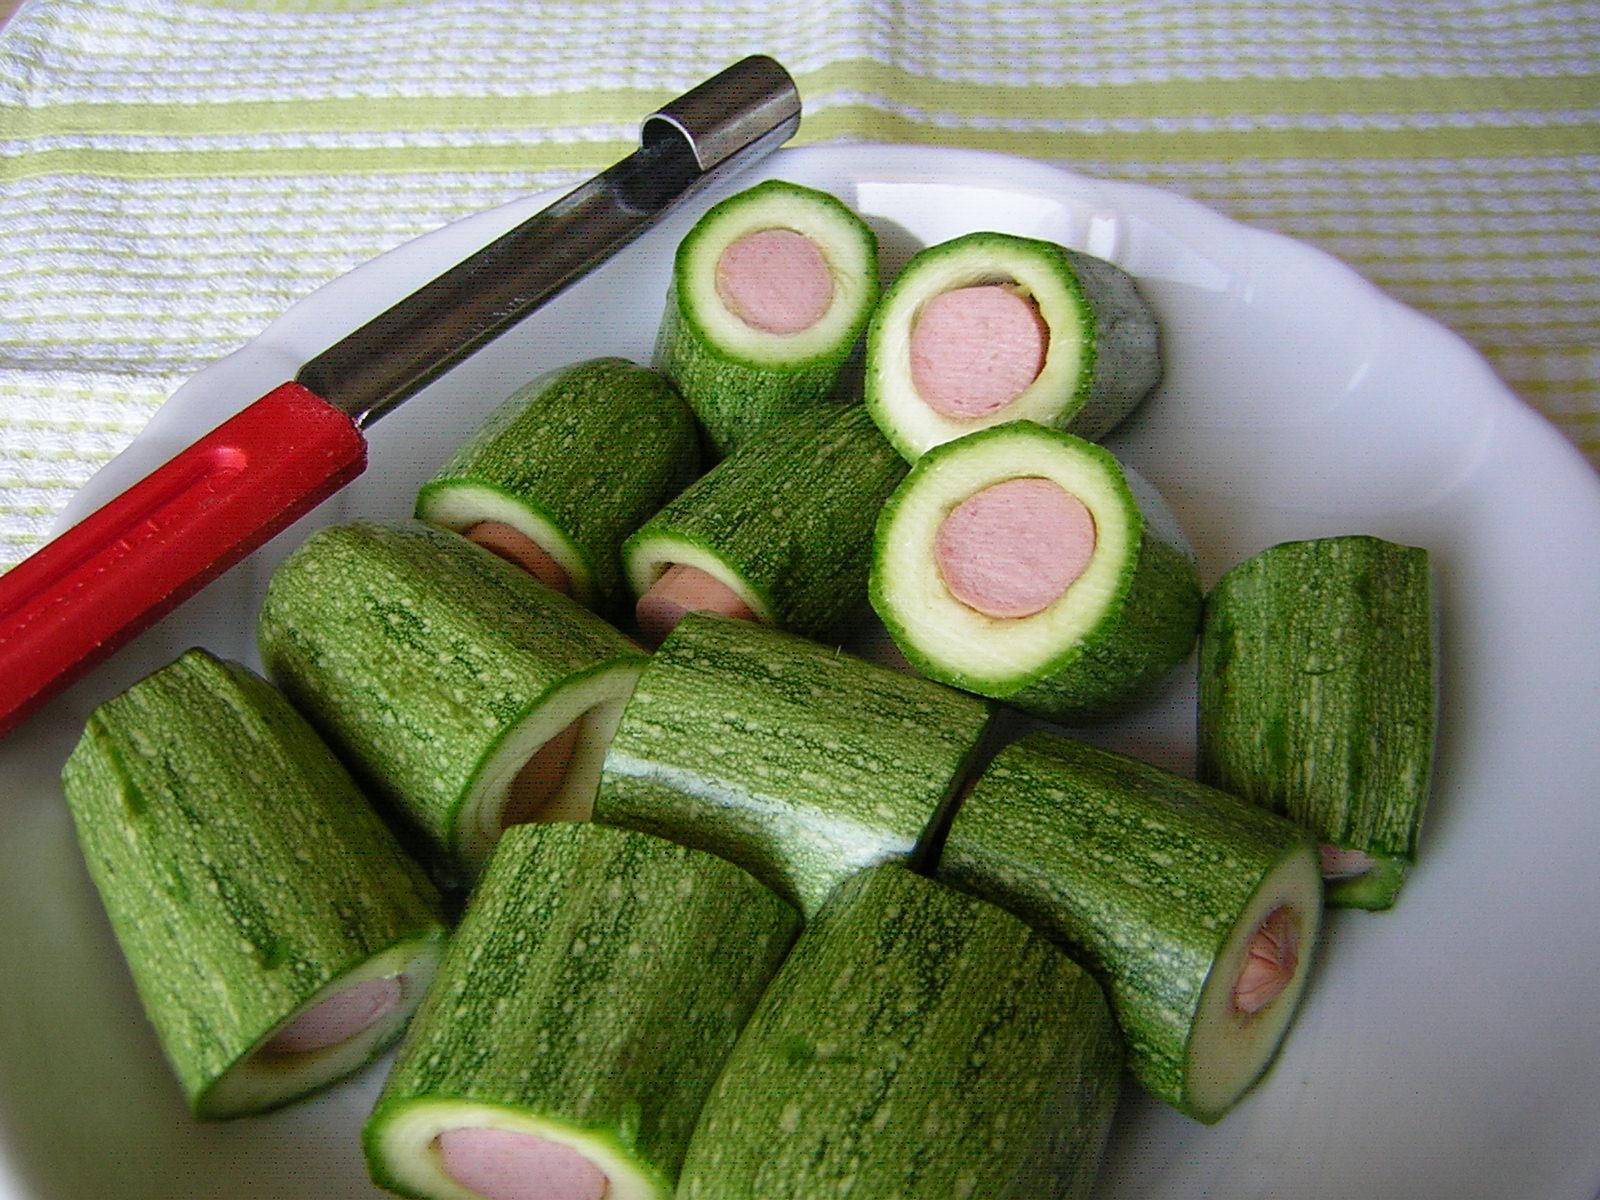 preparazione delle zucchine ai wurstel